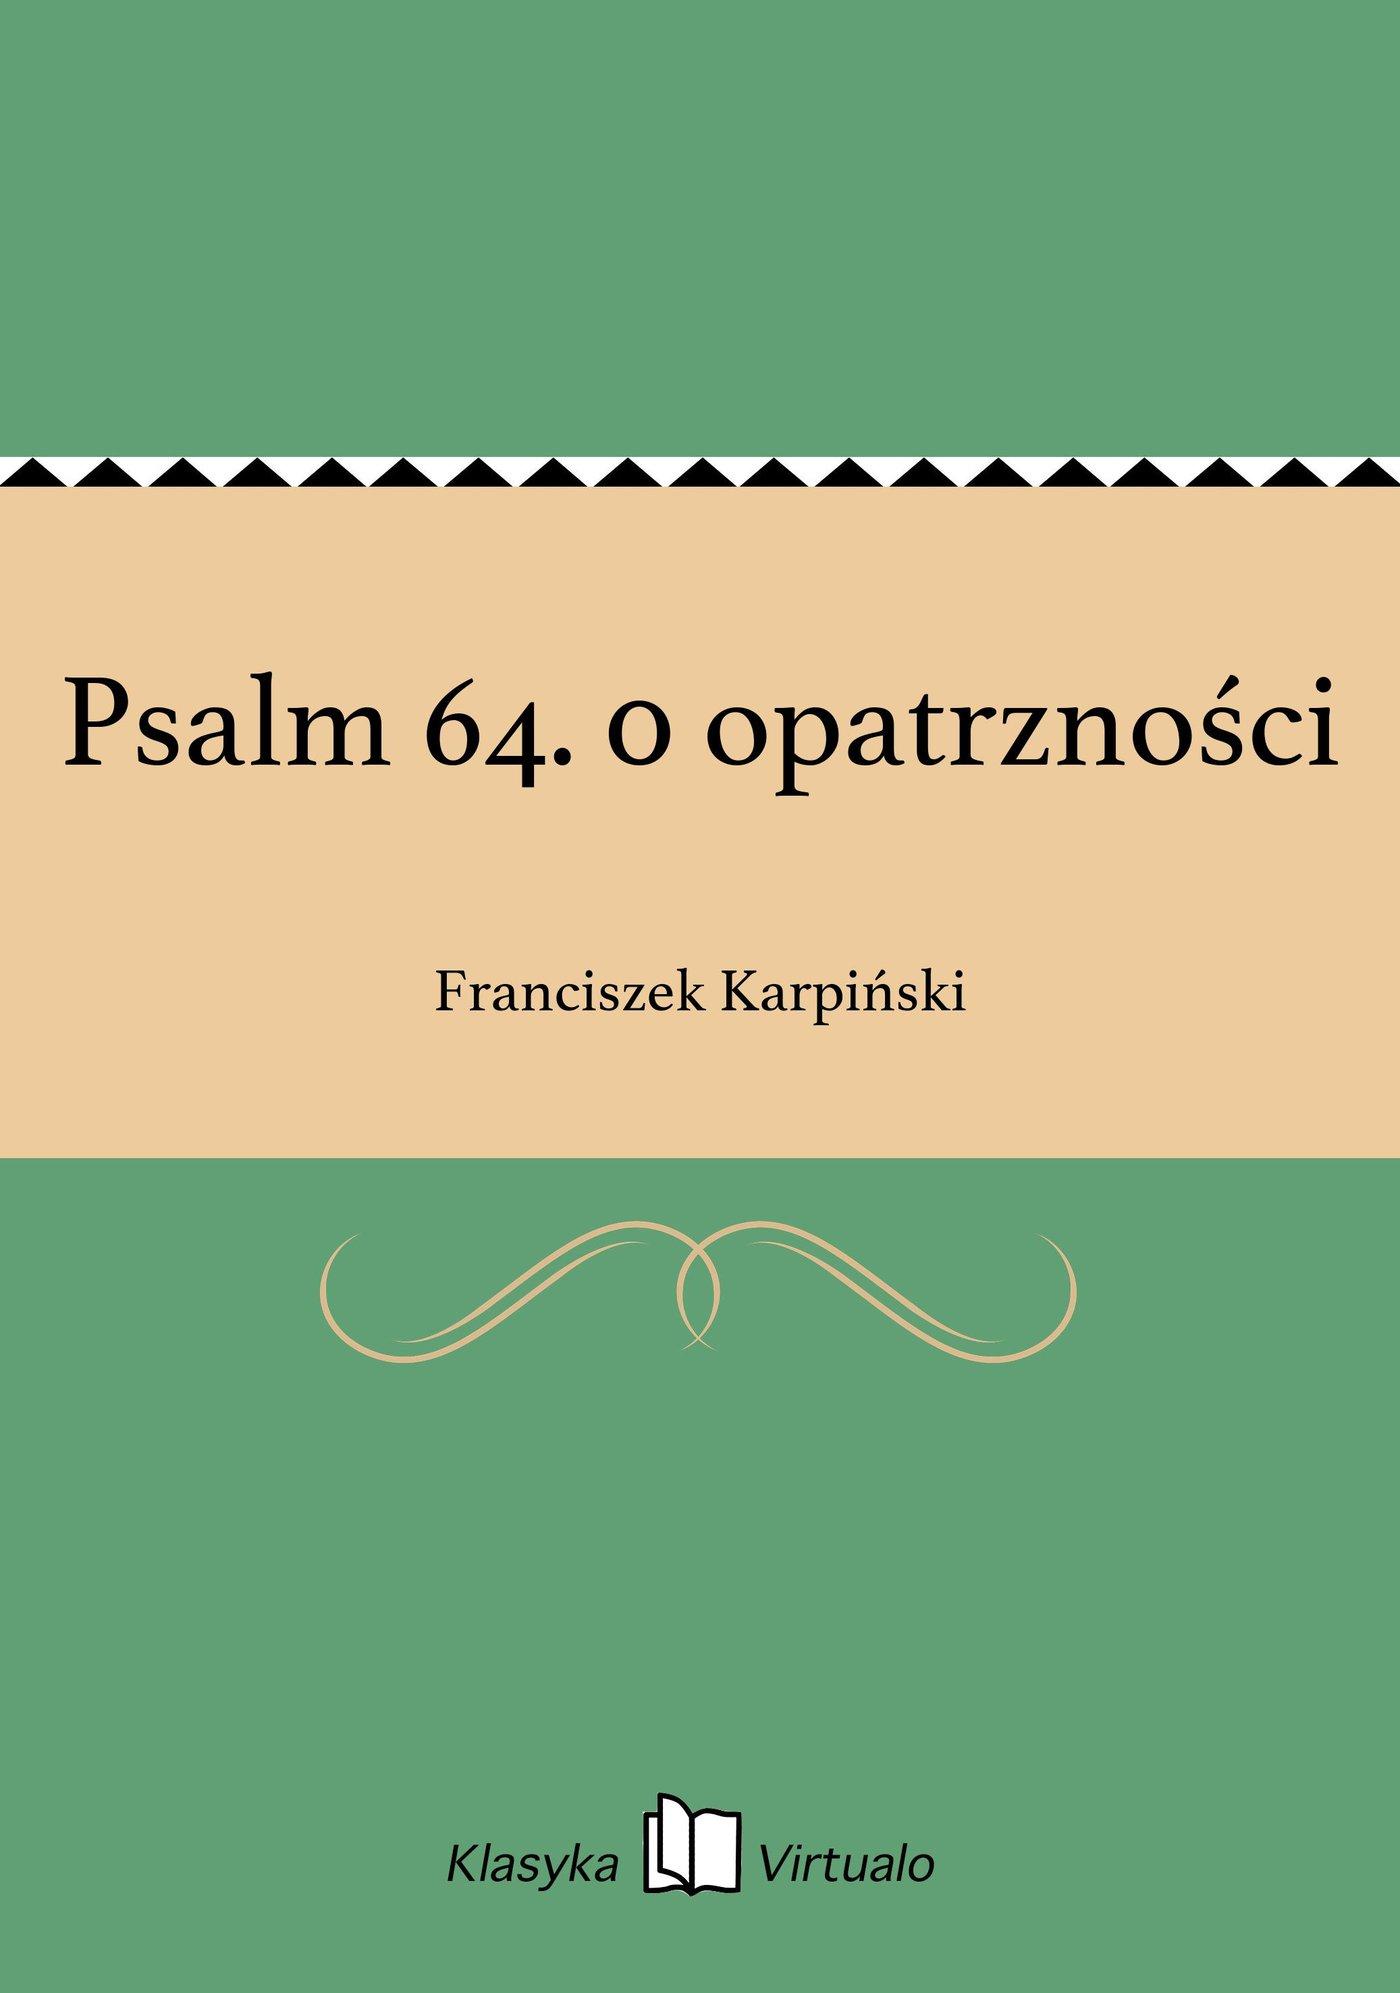 Psalm 64. 0 opatrzności - Ebook (Książka EPUB) do pobrania w formacie EPUB